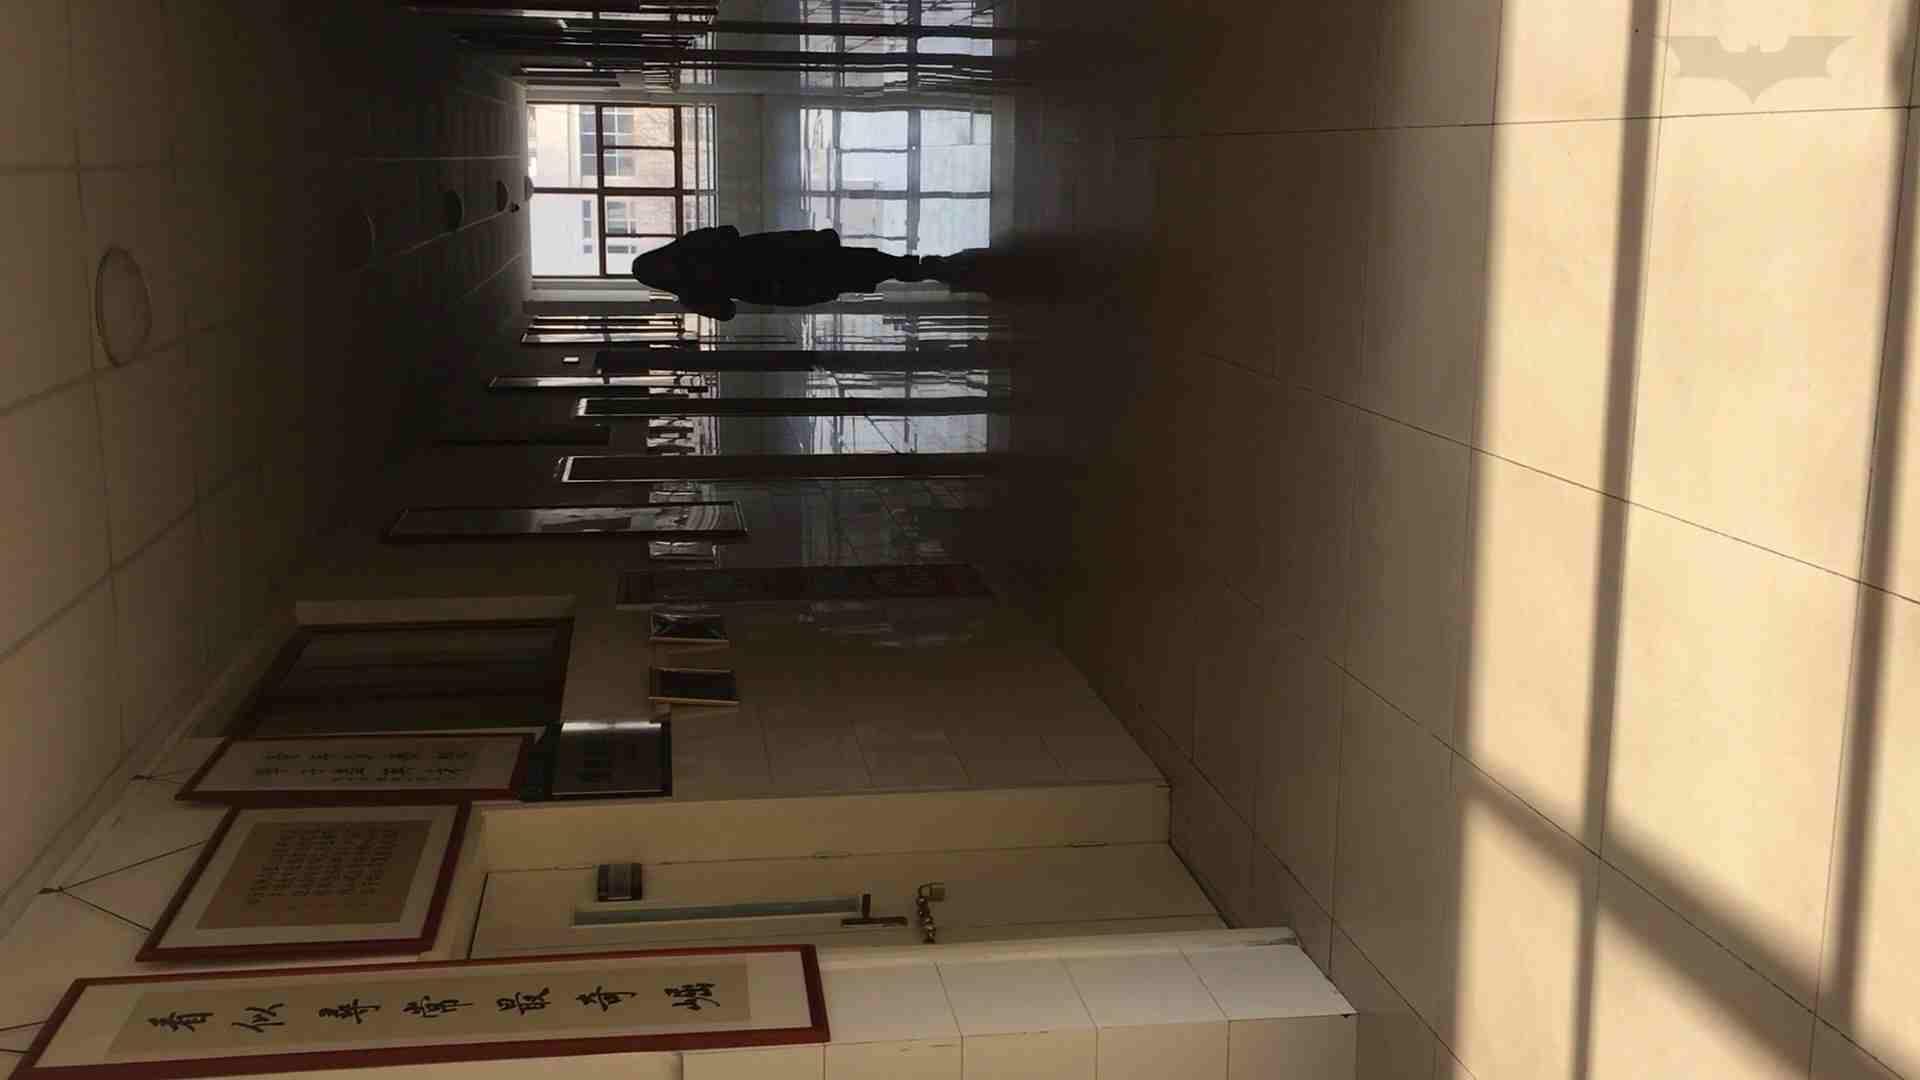 芸術大学ガチ潜入盗撮 JD盗撮 美女の洗面所の秘密 Vol.88 潜入 AV動画キャプチャ 83枚 64